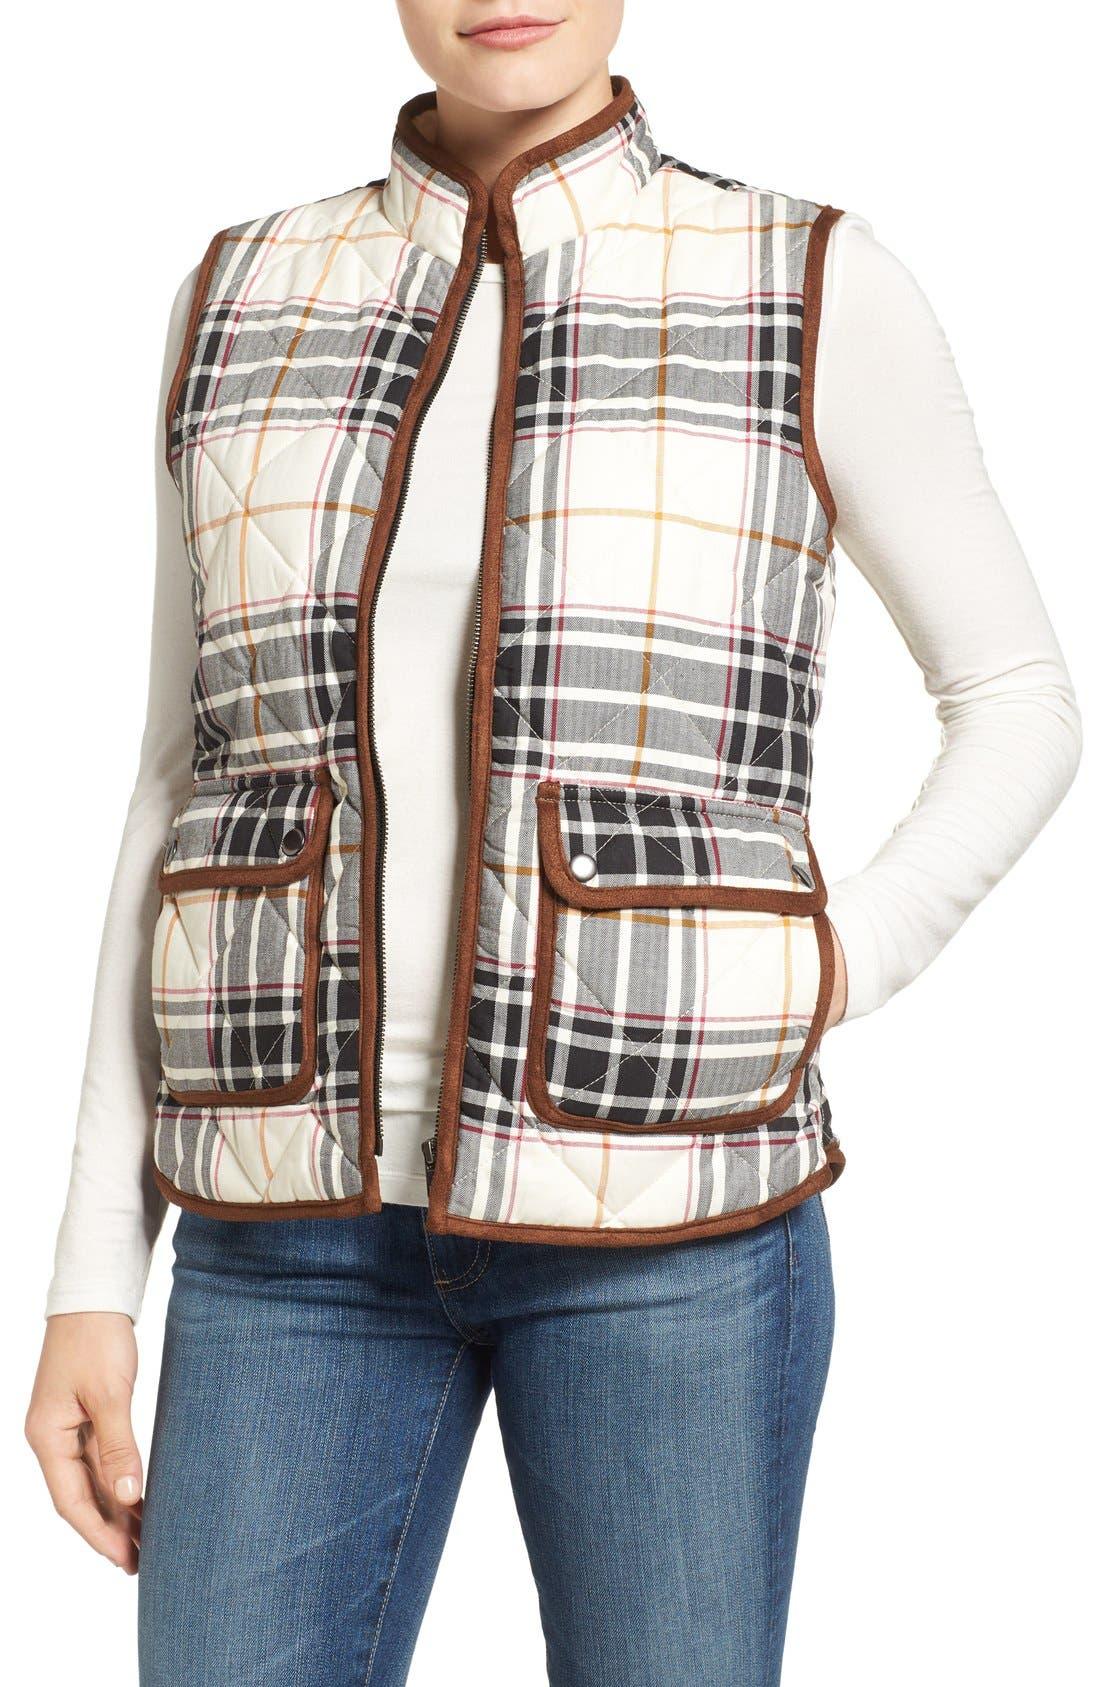 Alternate Image 1 Selected - Foxcroft Plaid Quilt Vest